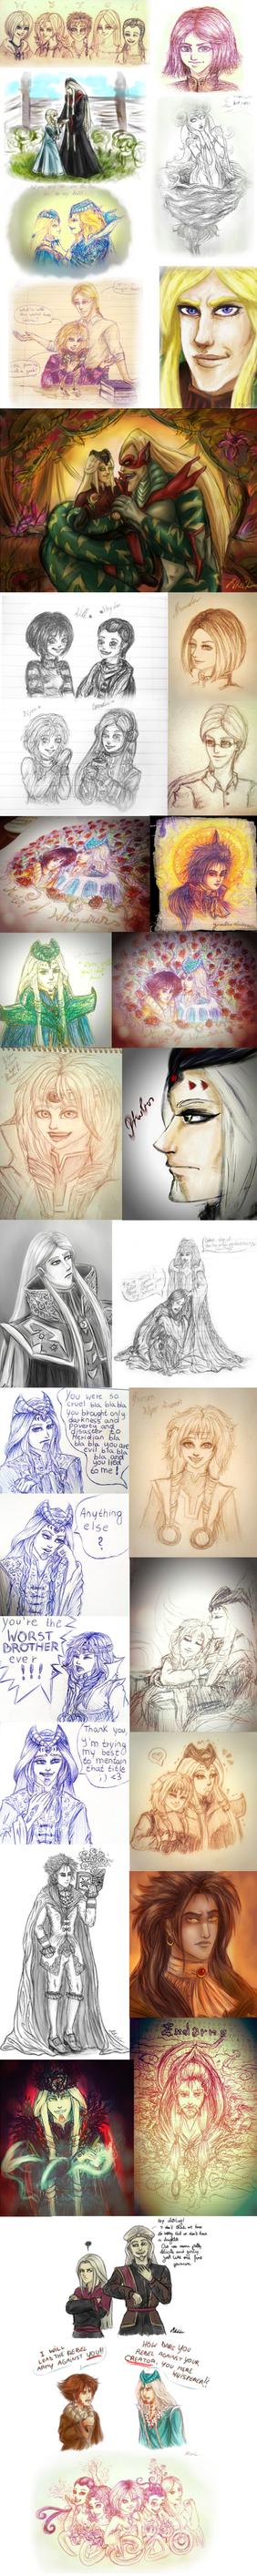 W.I.T.C.H. doodles by MiKeiLo